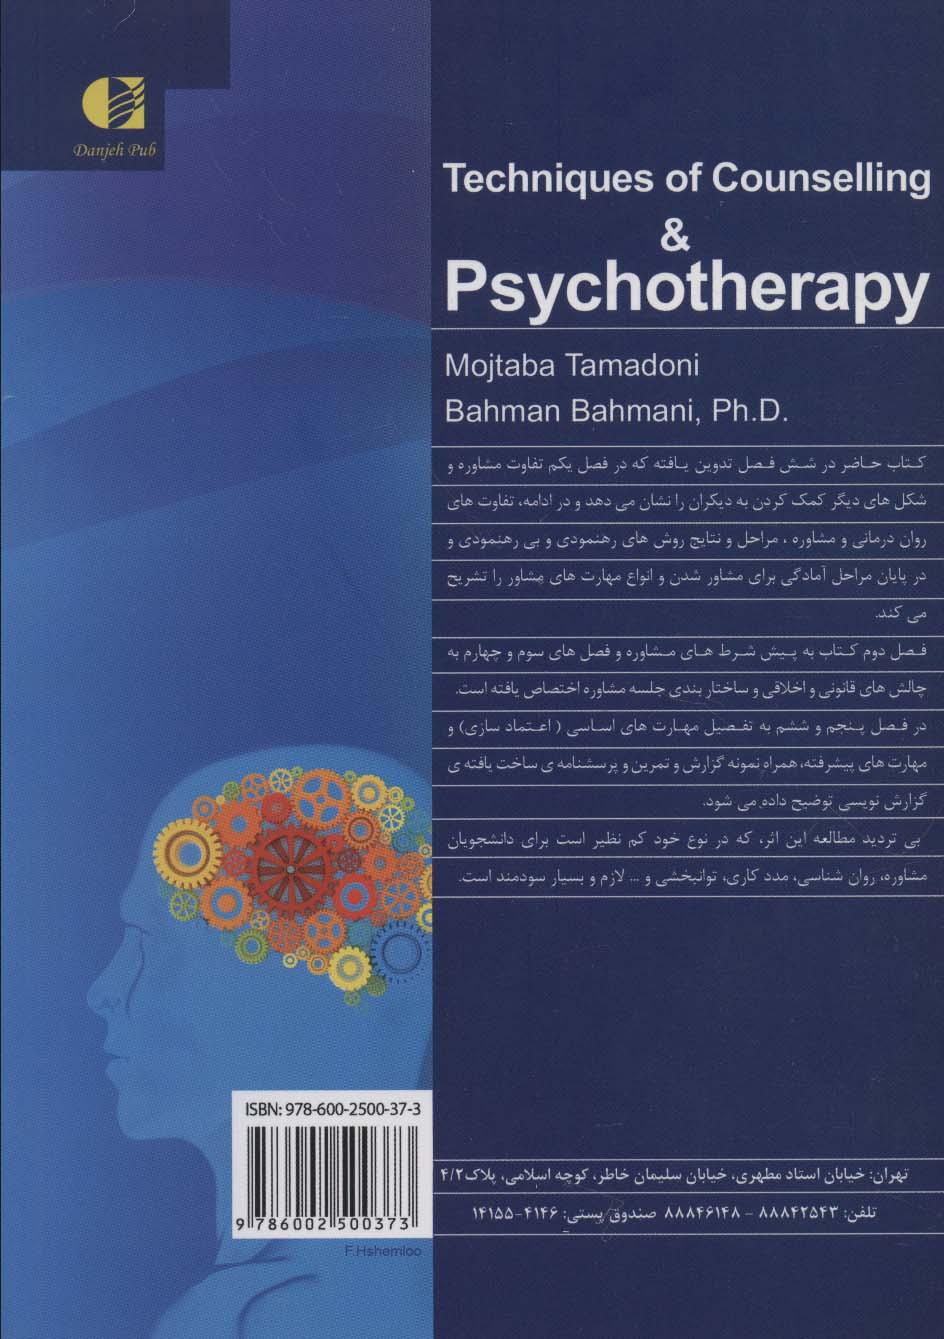 فنون مشاوره و روان درمانی